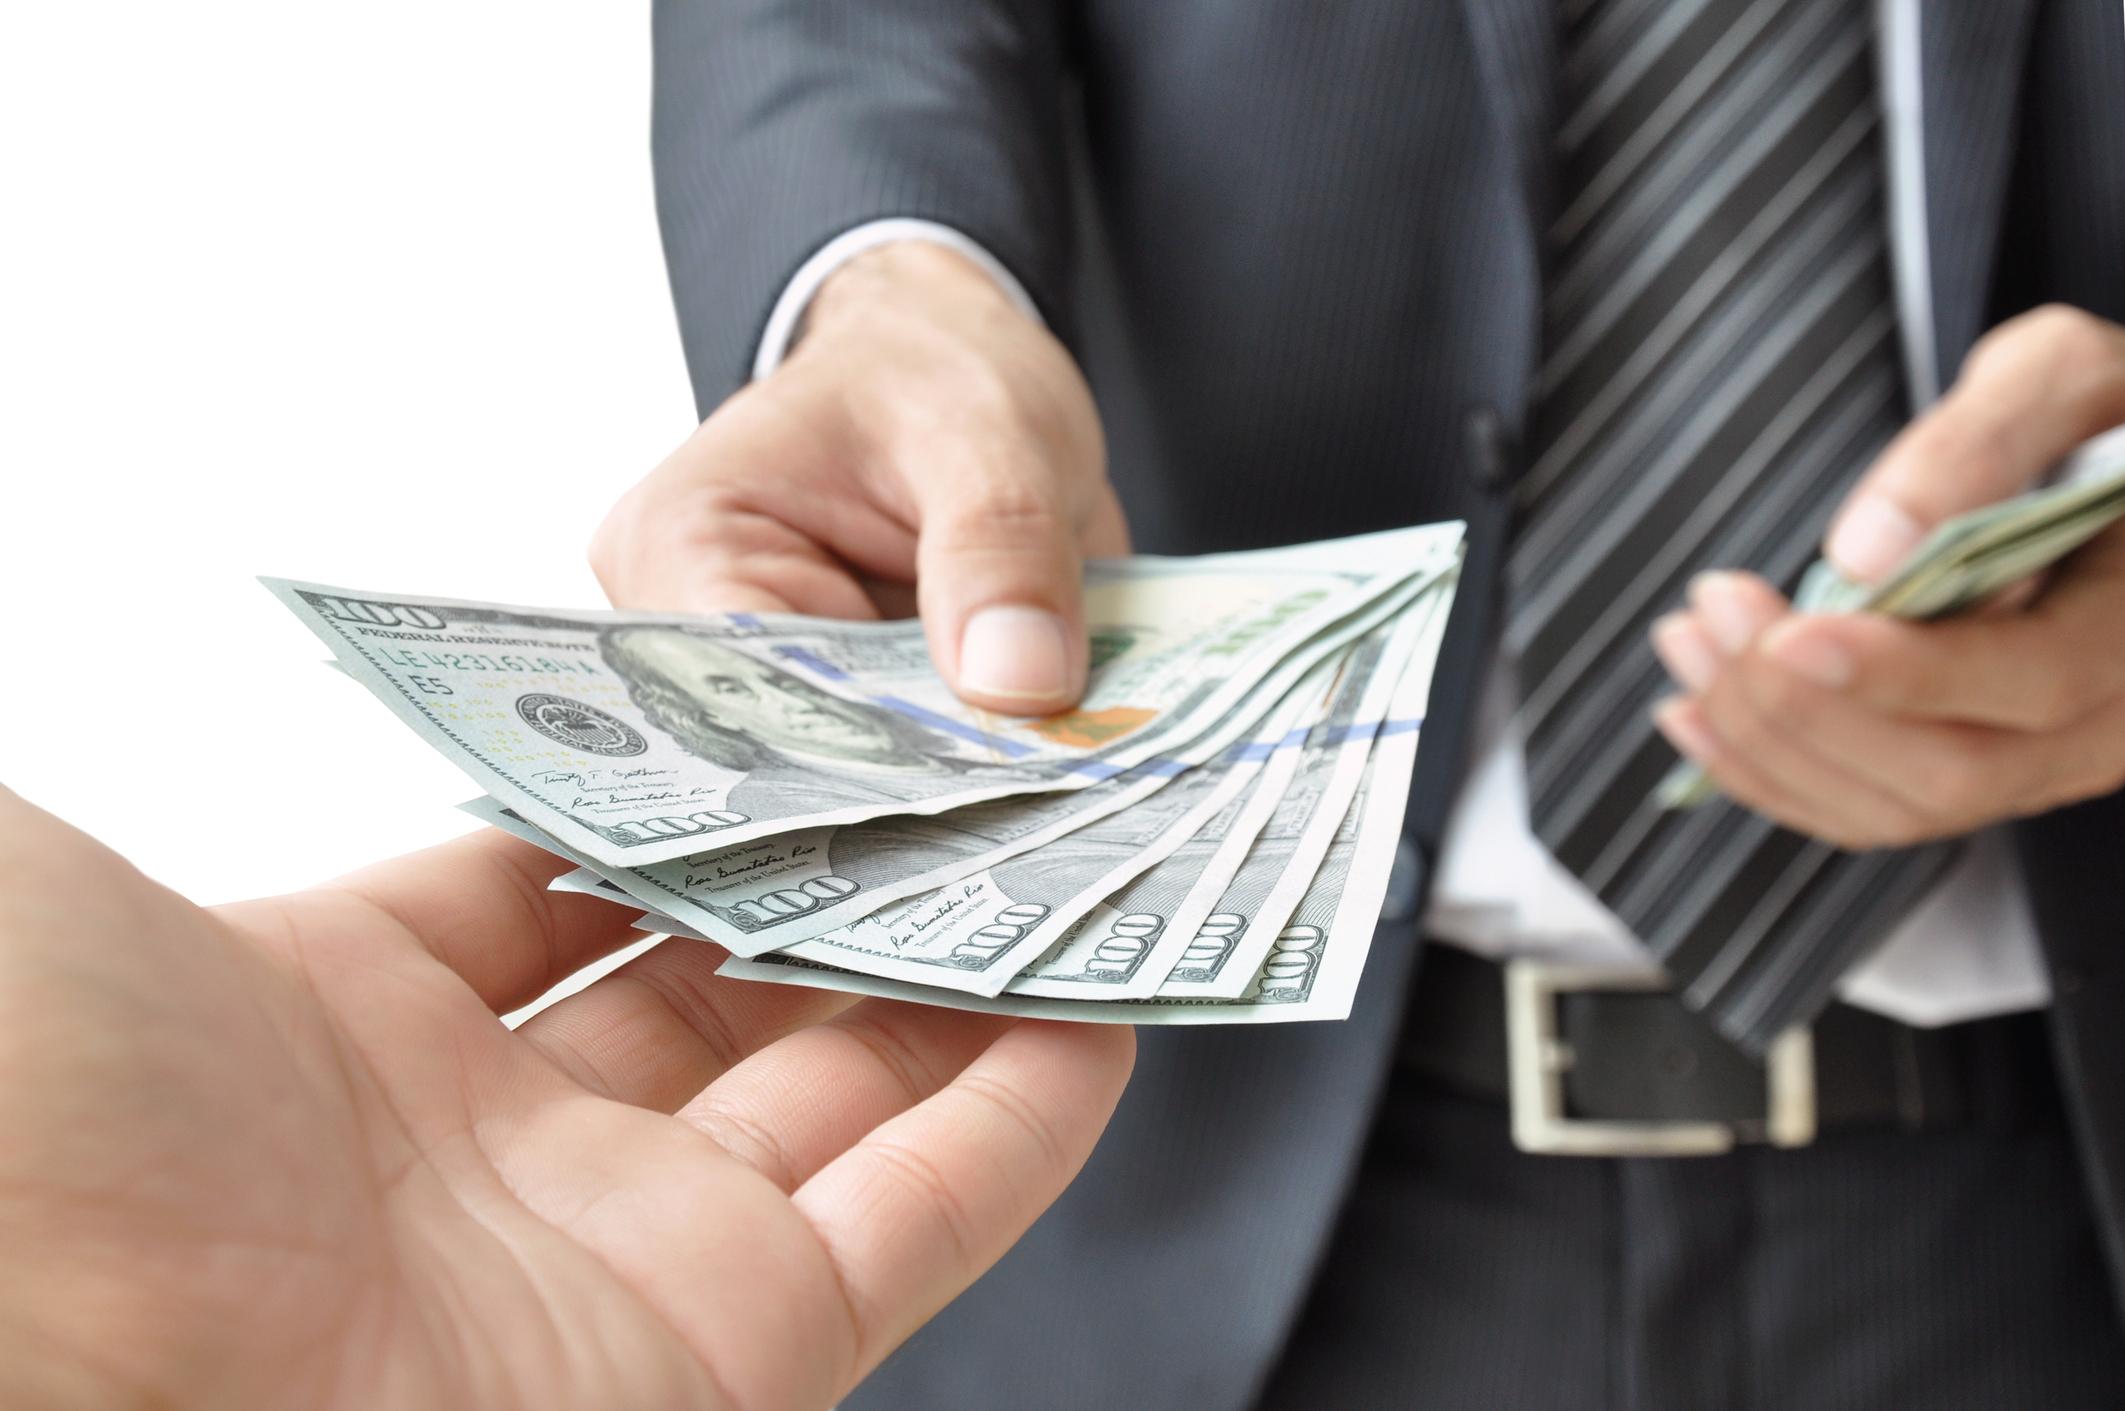 Man handing over $100 bills